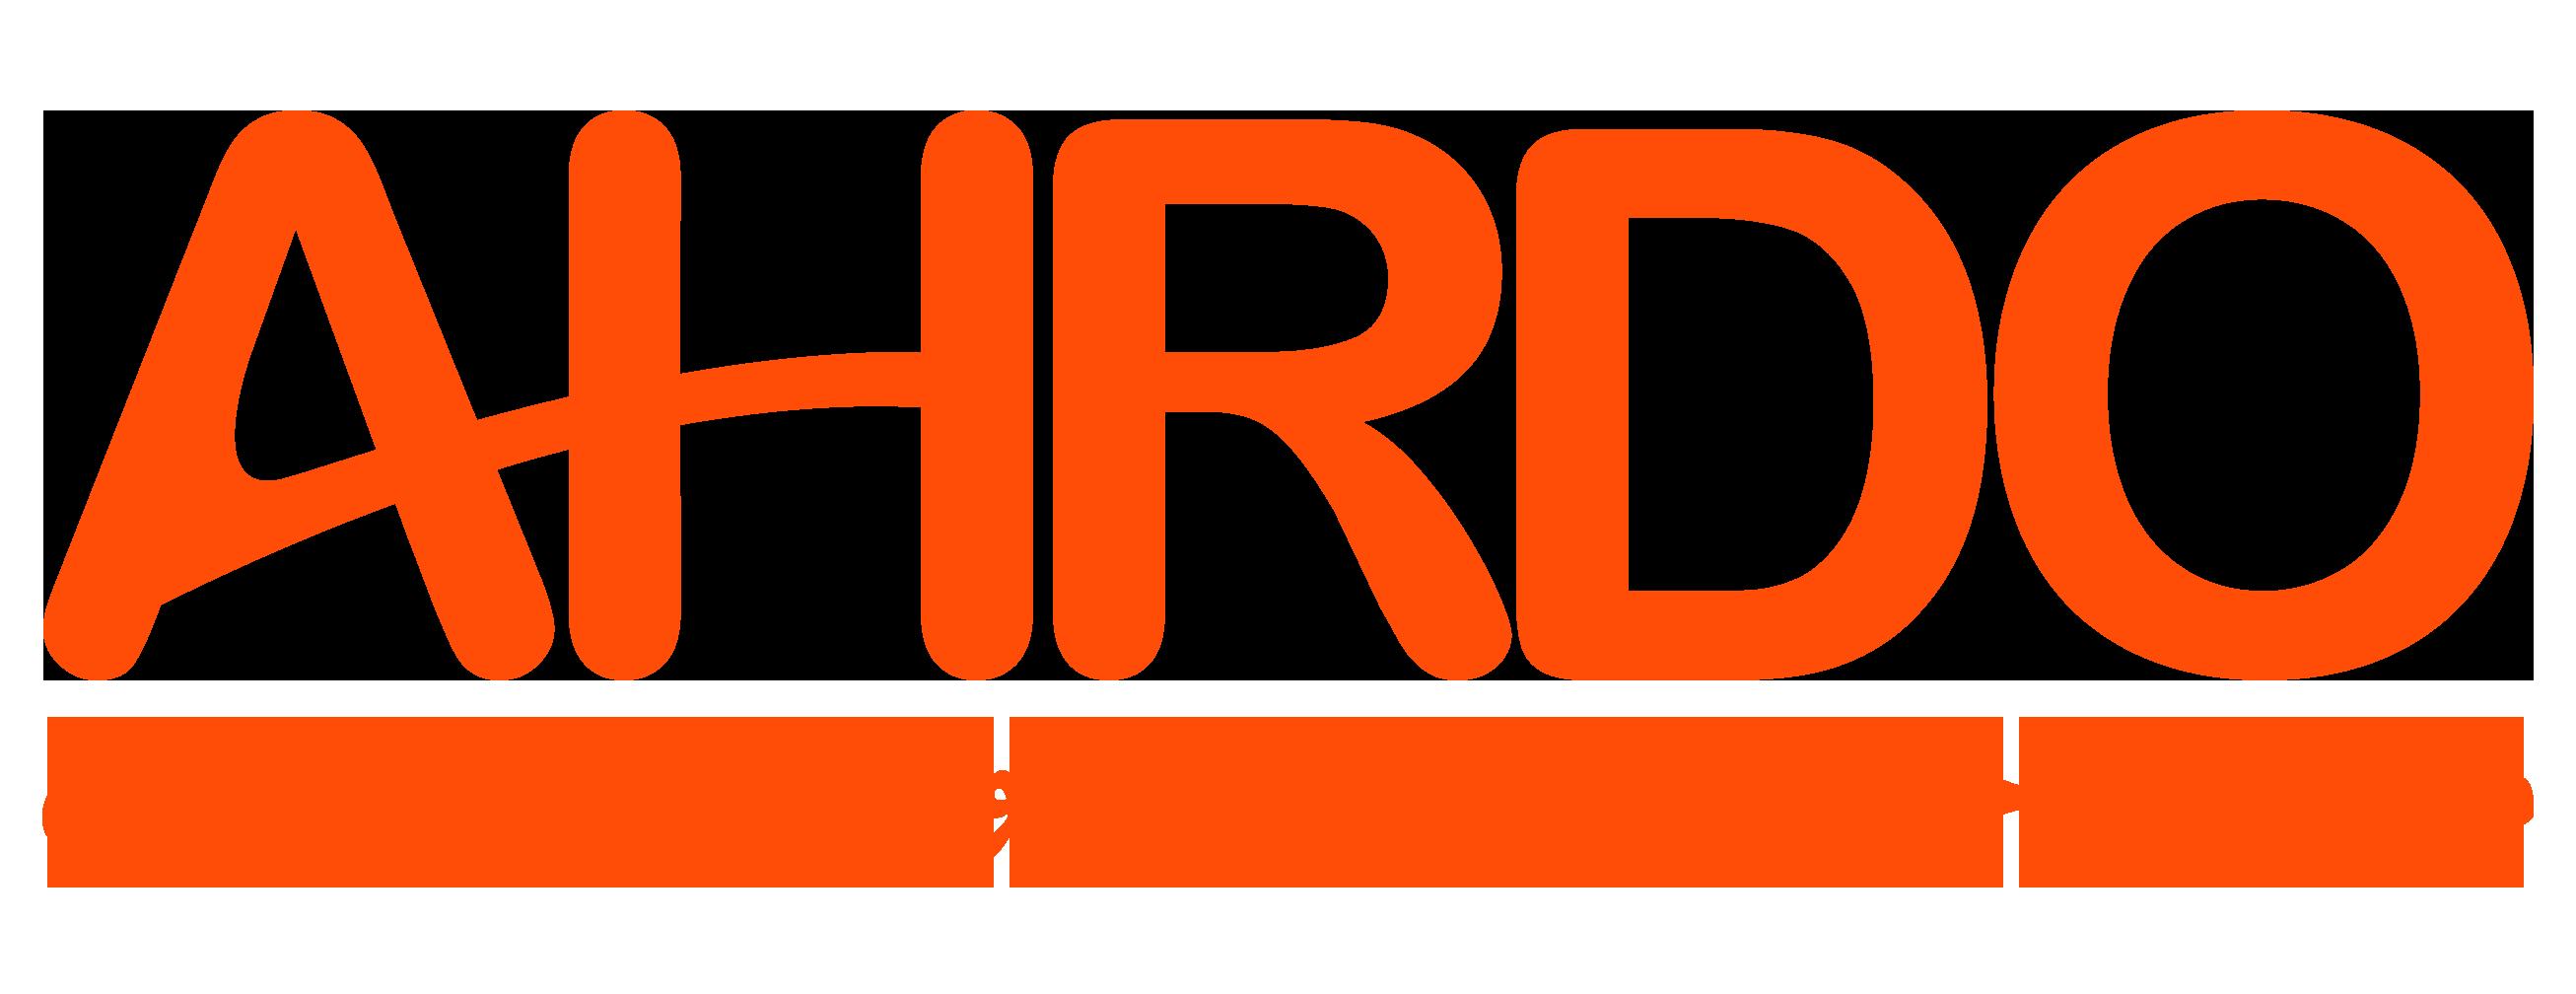 سازمان دموکراسی و حقوق بشر افغانستان